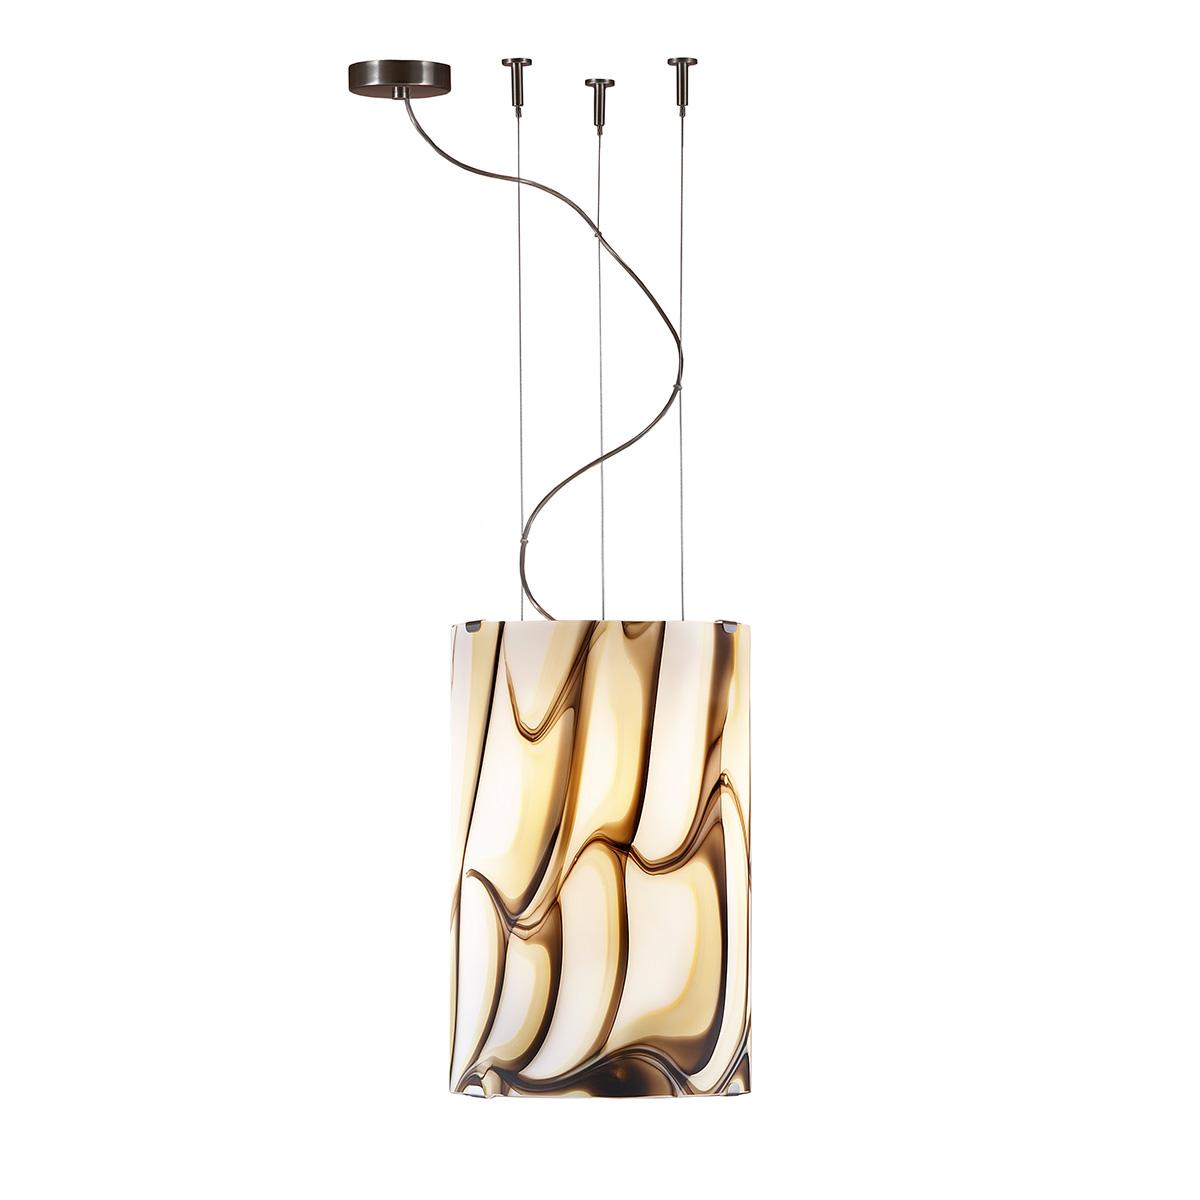 Μοντέρνο κρεμαστό φωτιστικό Μουράνο COLORE modern Murano suspension lamp